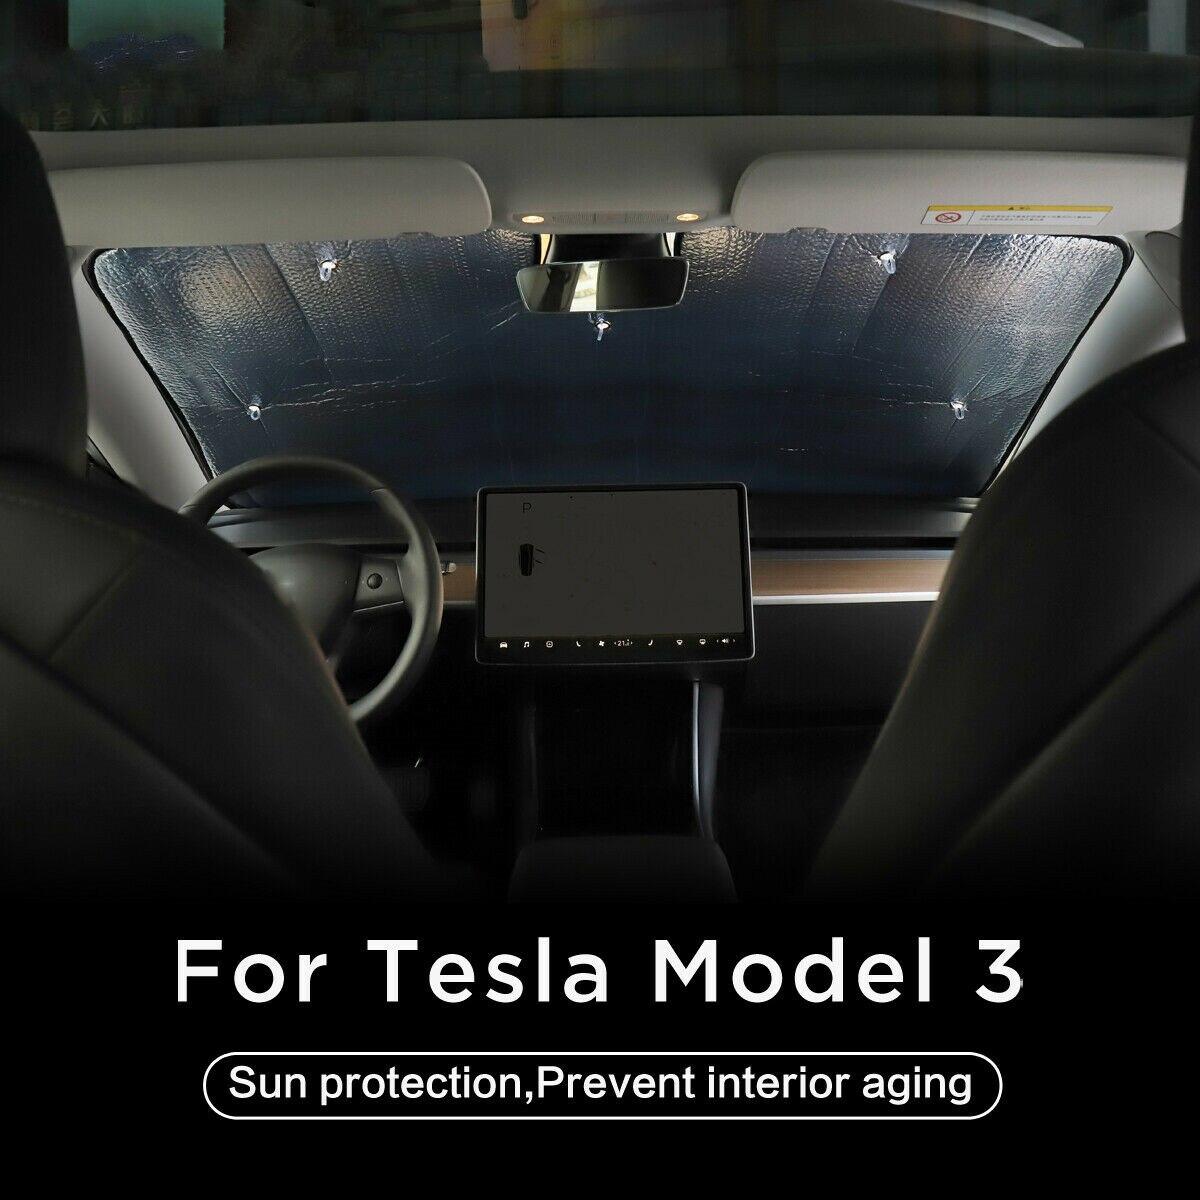 새로운 프론트 윈도우 윈드 실드 Sun Shade 차양 차 채광창 블라인드 쉐이딩 넷 프론트 윈드 실드 테슬라 모델 3